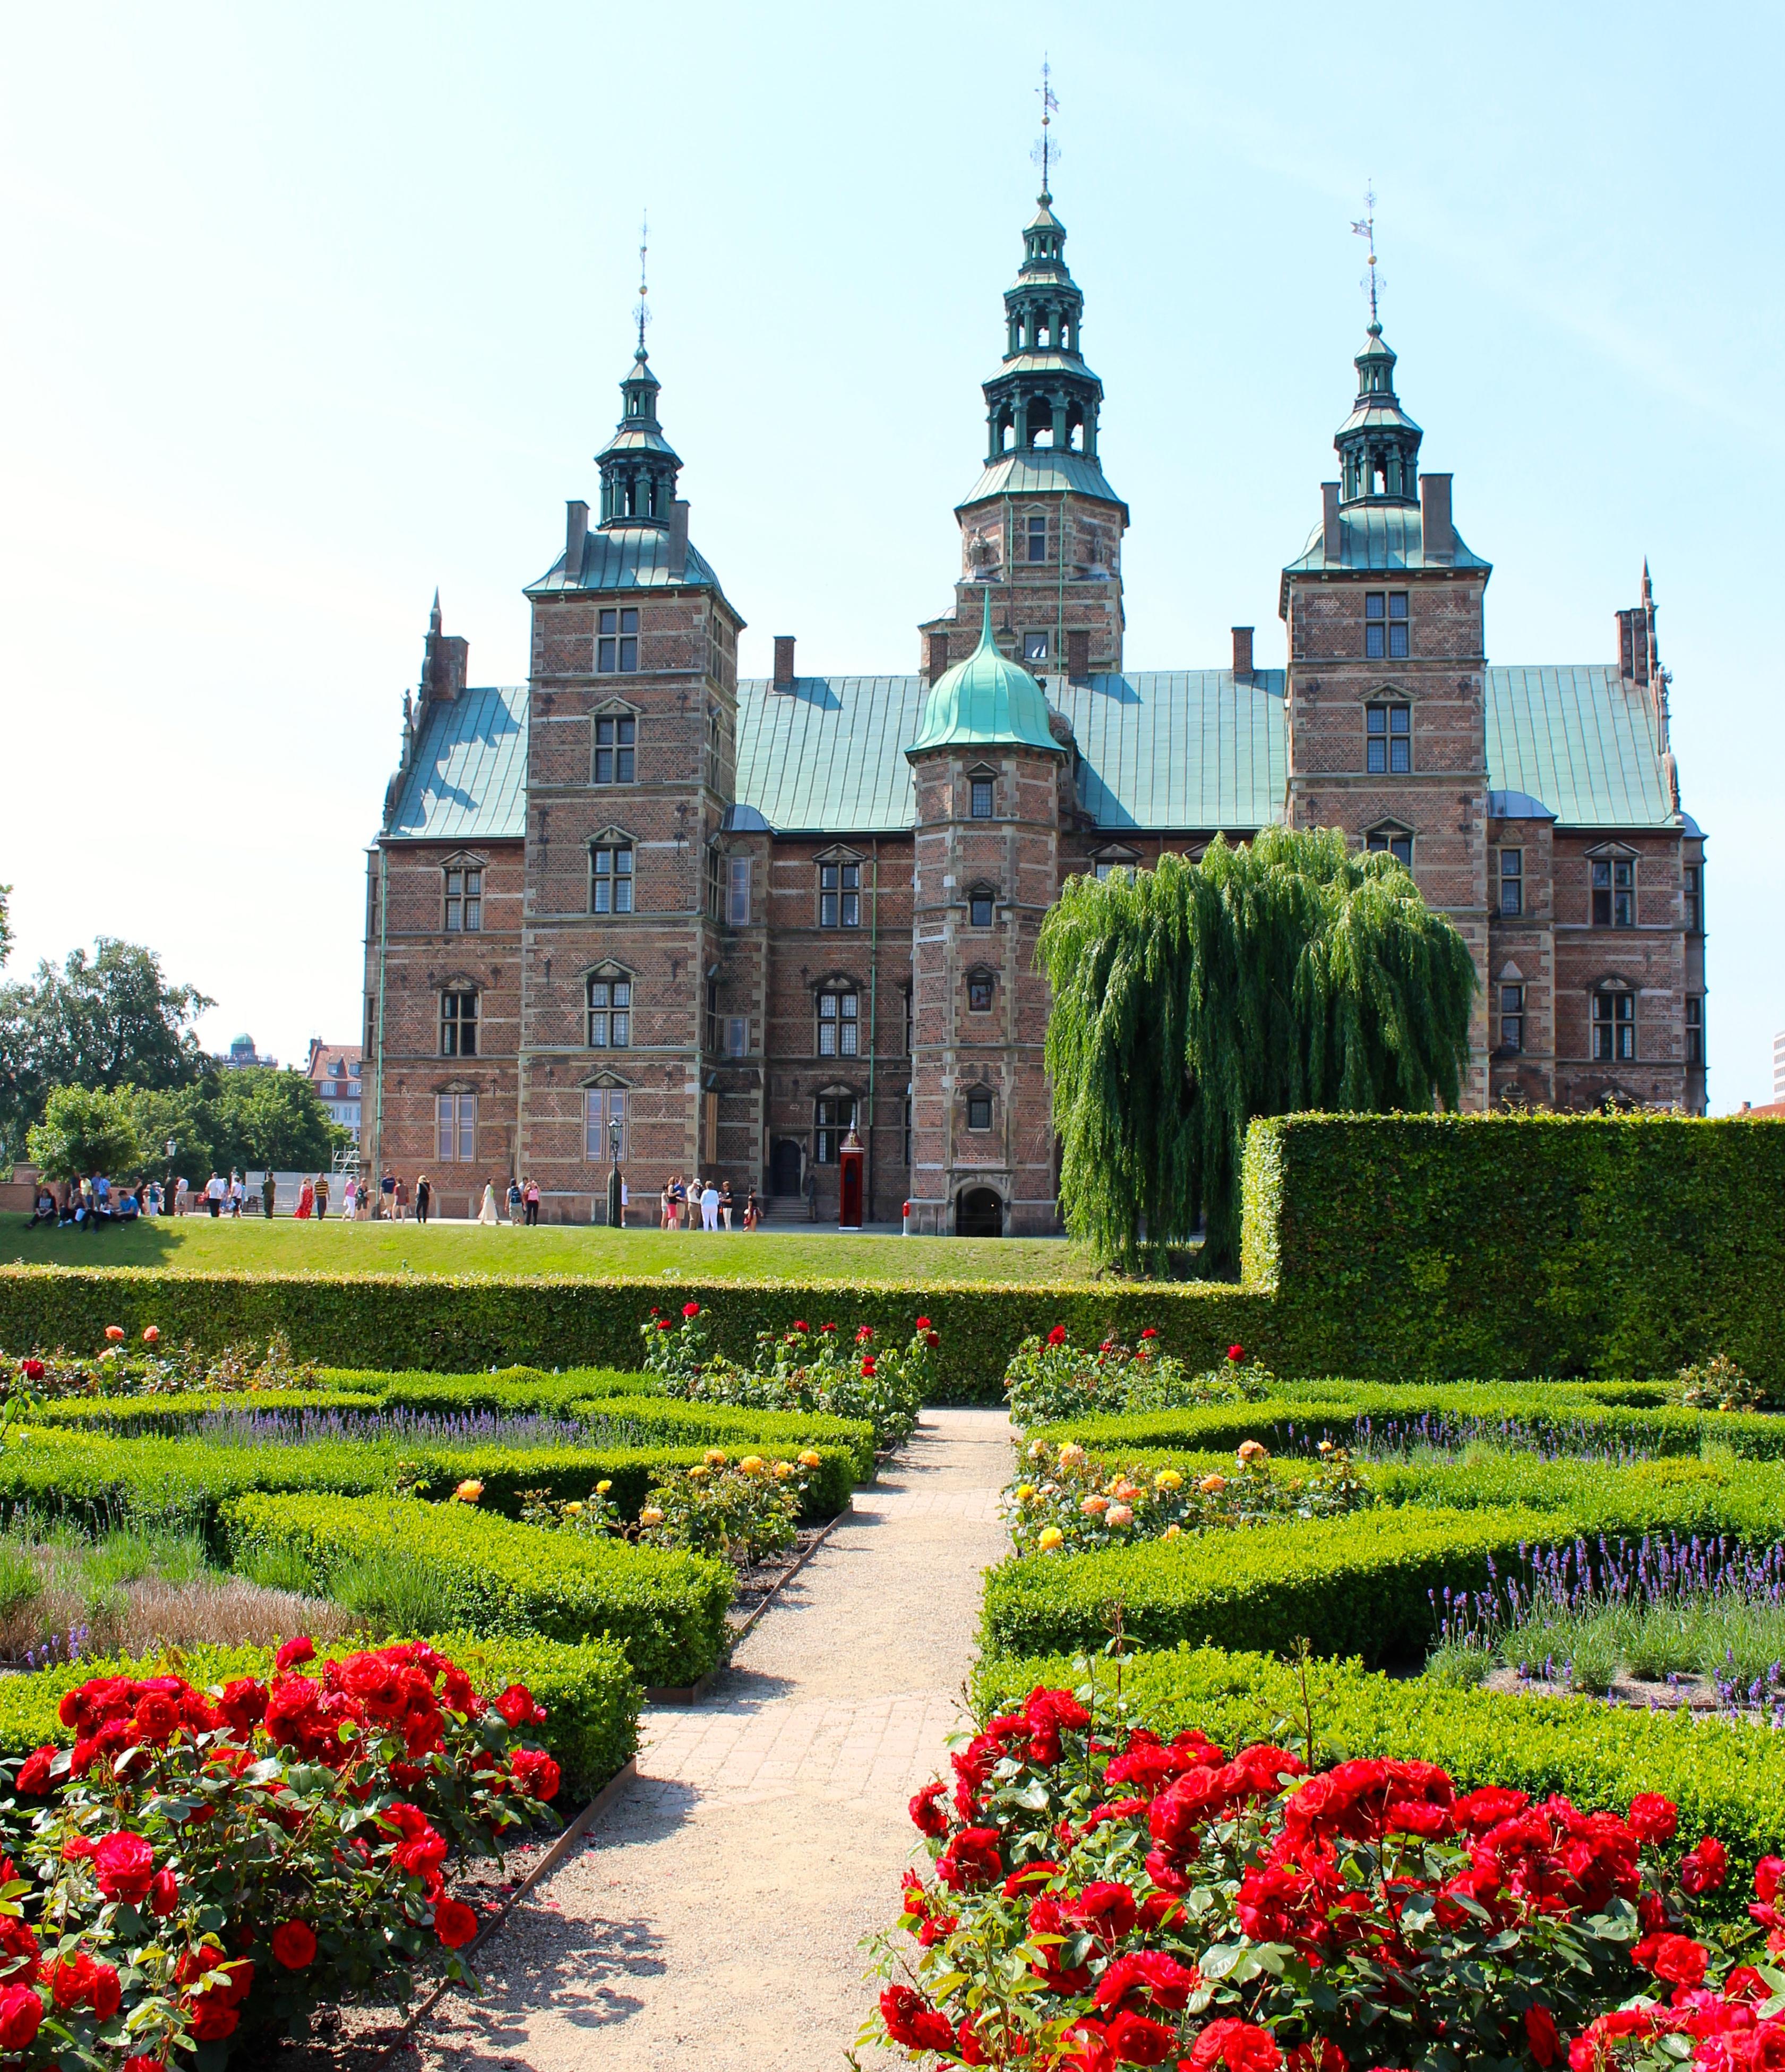 The King's Garden at Rosenborg - 4675.7KB